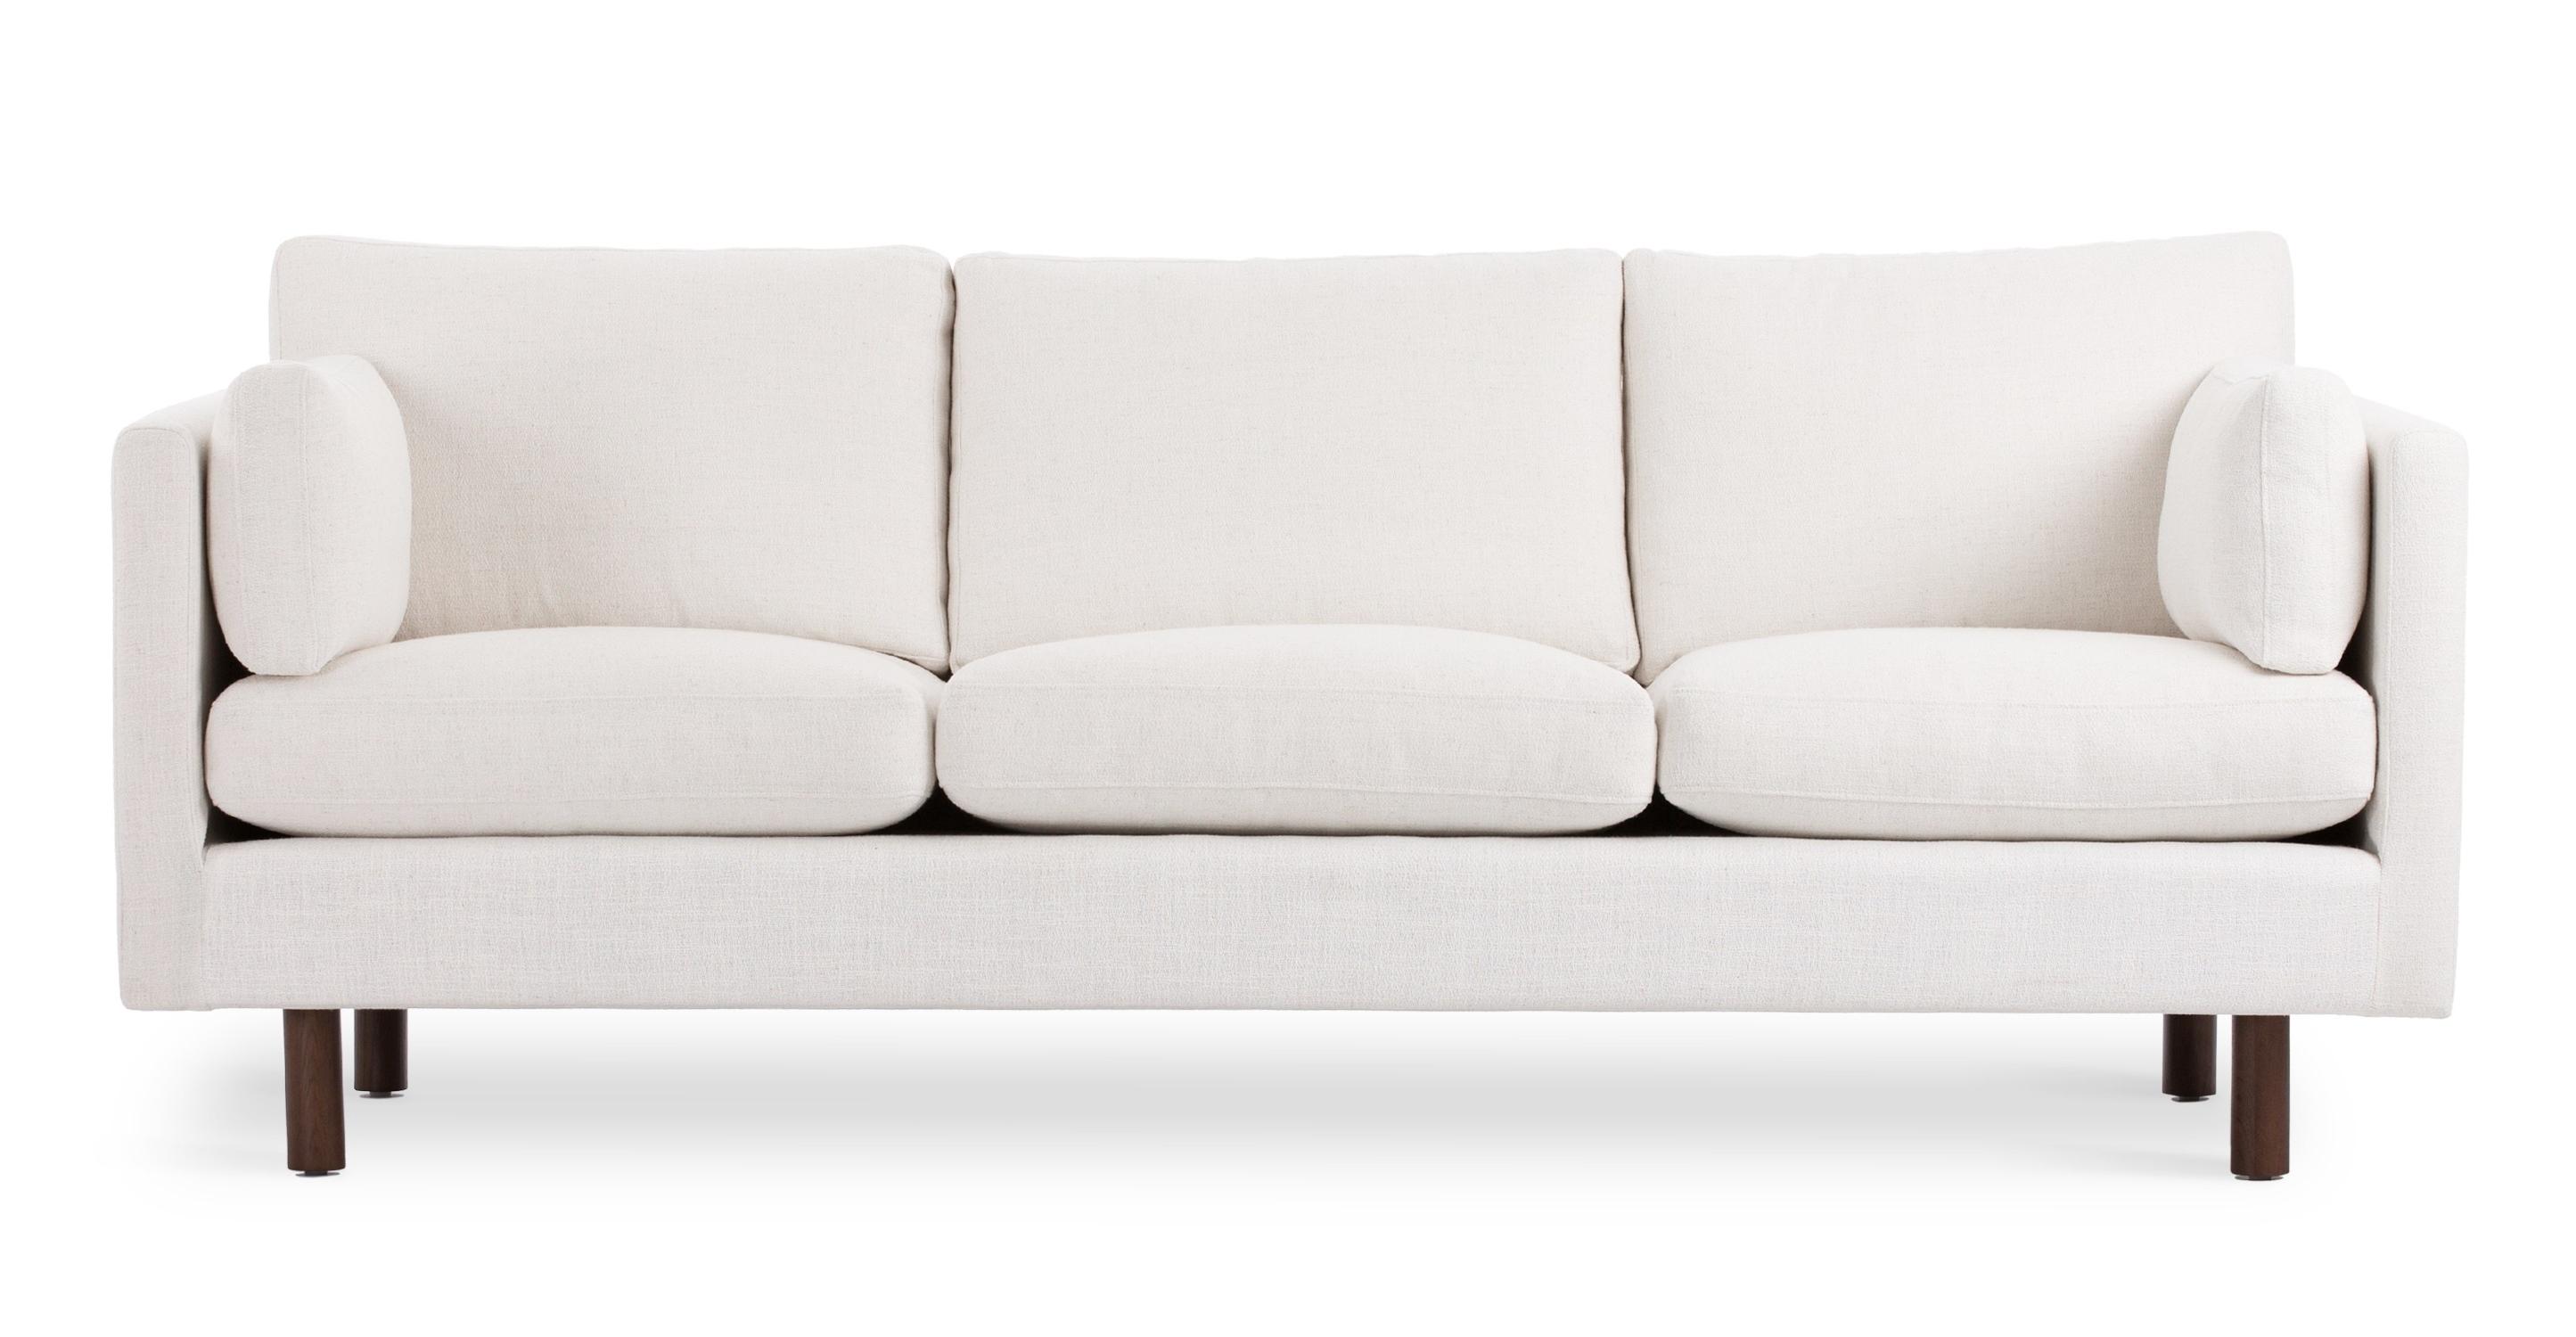 White Modern Sofas Regarding 2017 Unique White Sofas 32 In Modern Sofa Inspiration With White Sofas (View 15 of 15)